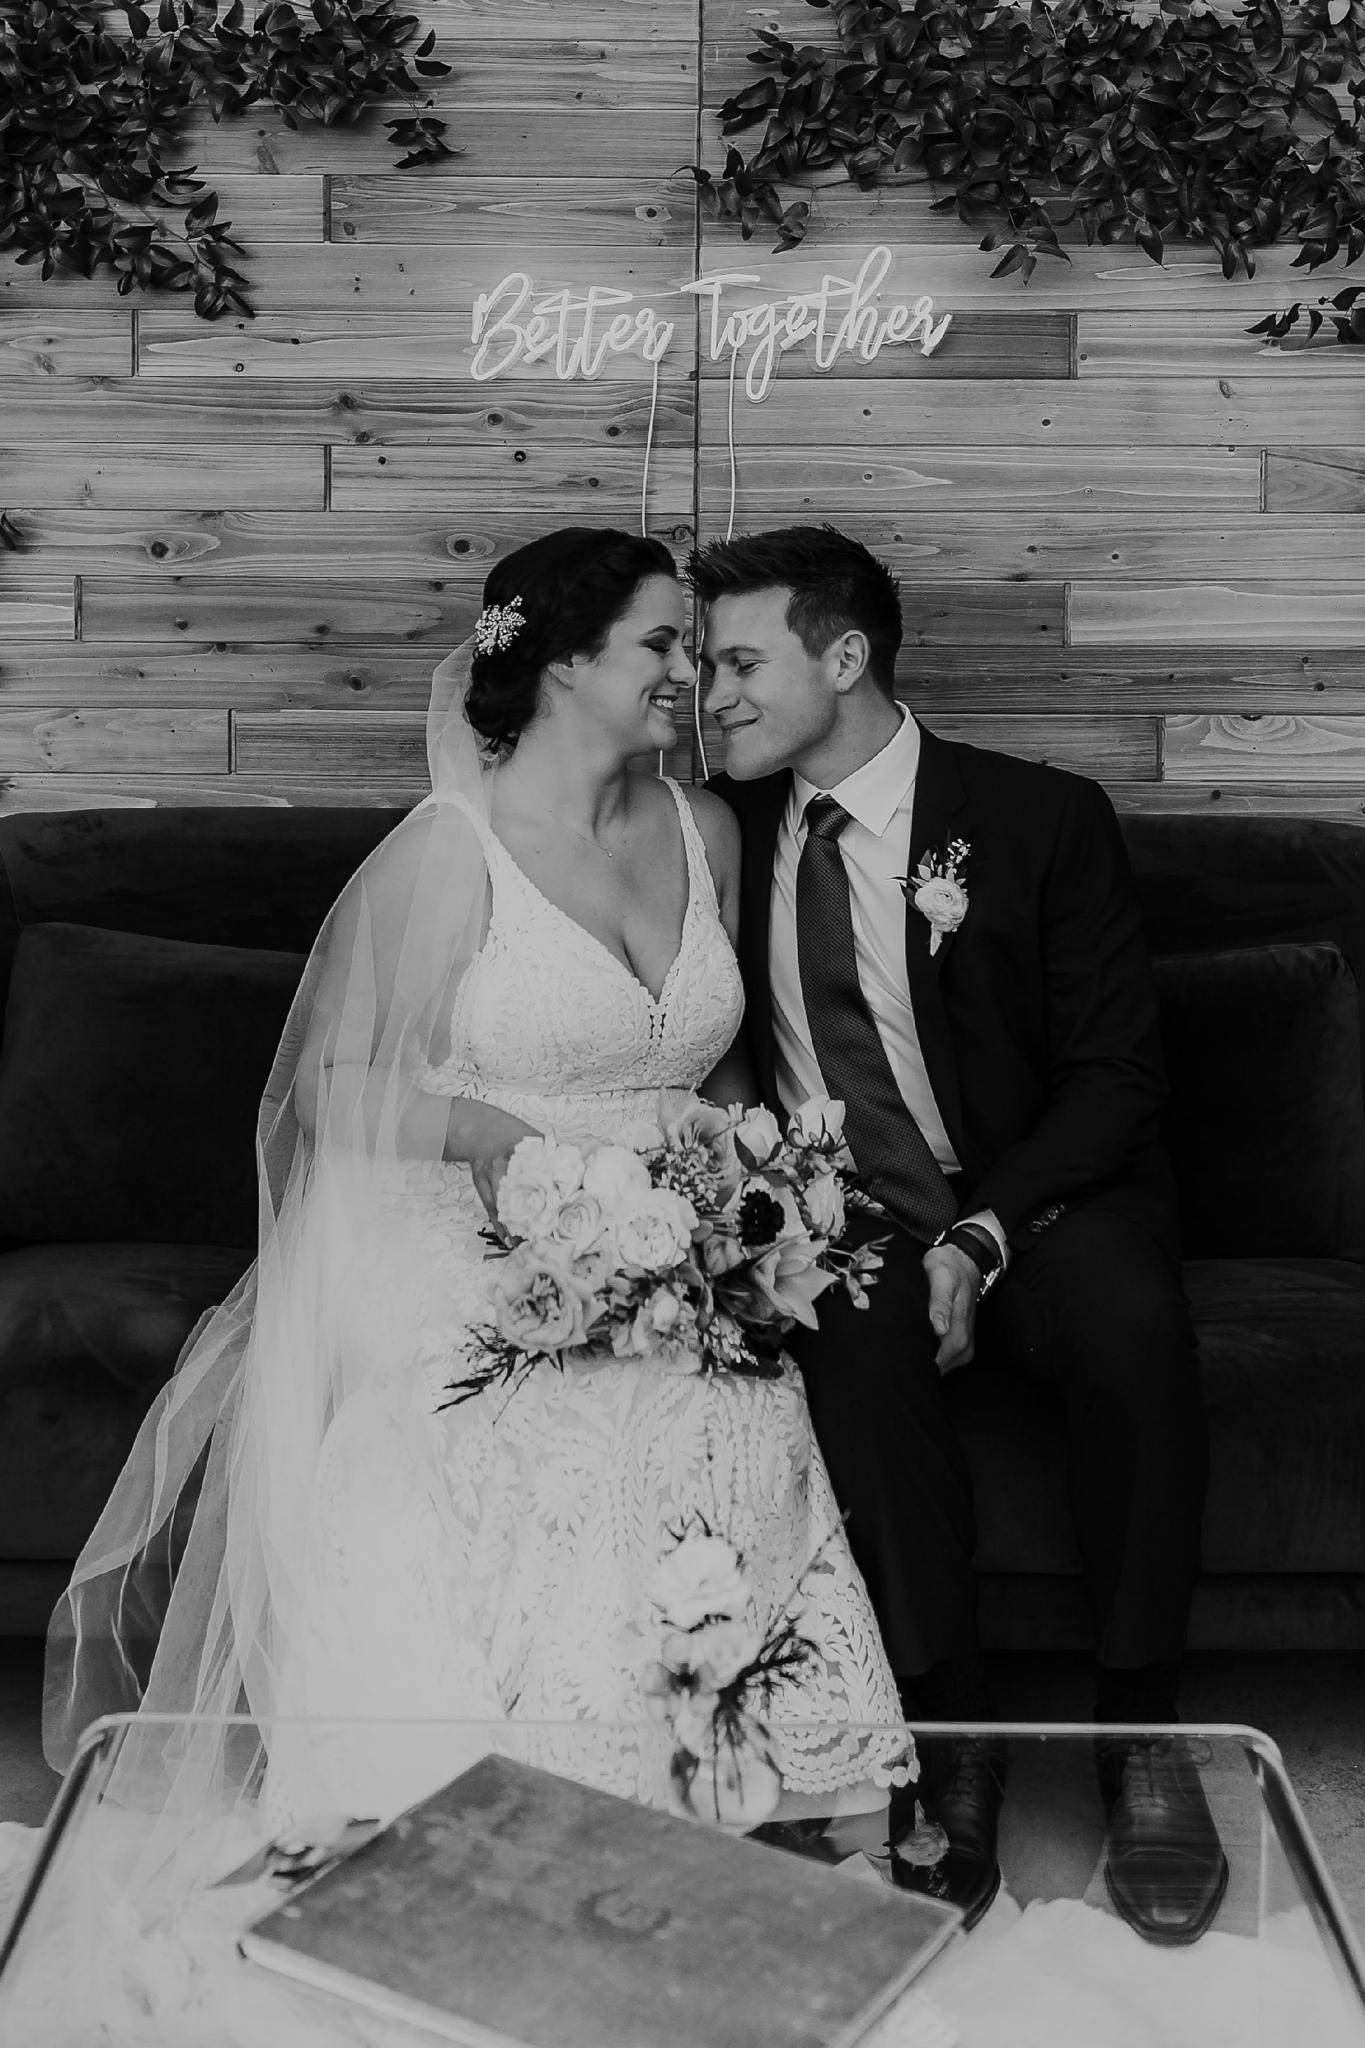 Alicia+lucia+photography+-+albuquerque+wedding+photographer+-+santa+fe+wedding+photography+-+new+mexico+wedding+photographer+-+new+mexico+wedding+-+santa+fe+wedding+-+four+seasons+wedding+-+winter+wedding_0135.jpg